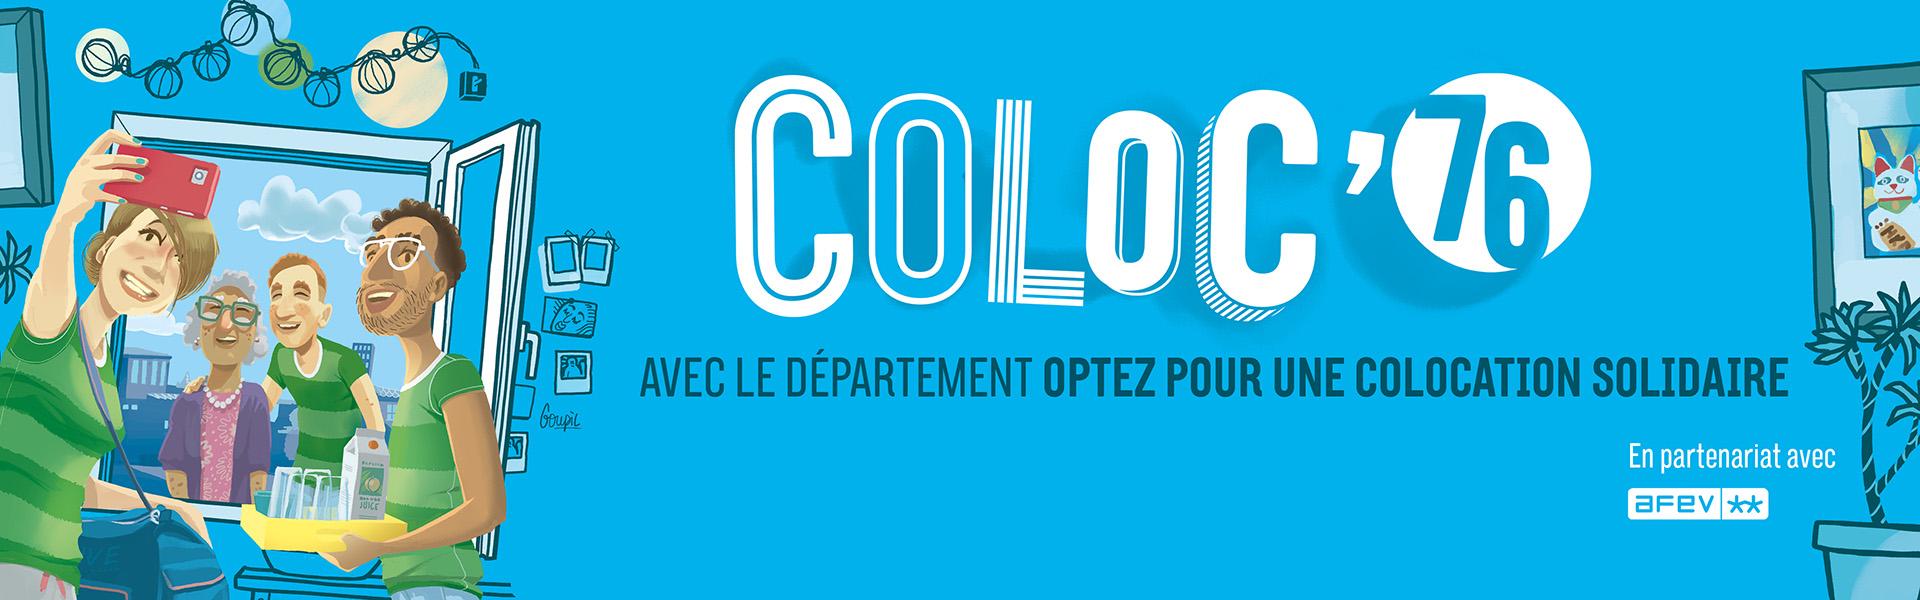 « COLOC 76 », un nouveau dispositif de colocation solidaire dans la Seine-Maritime